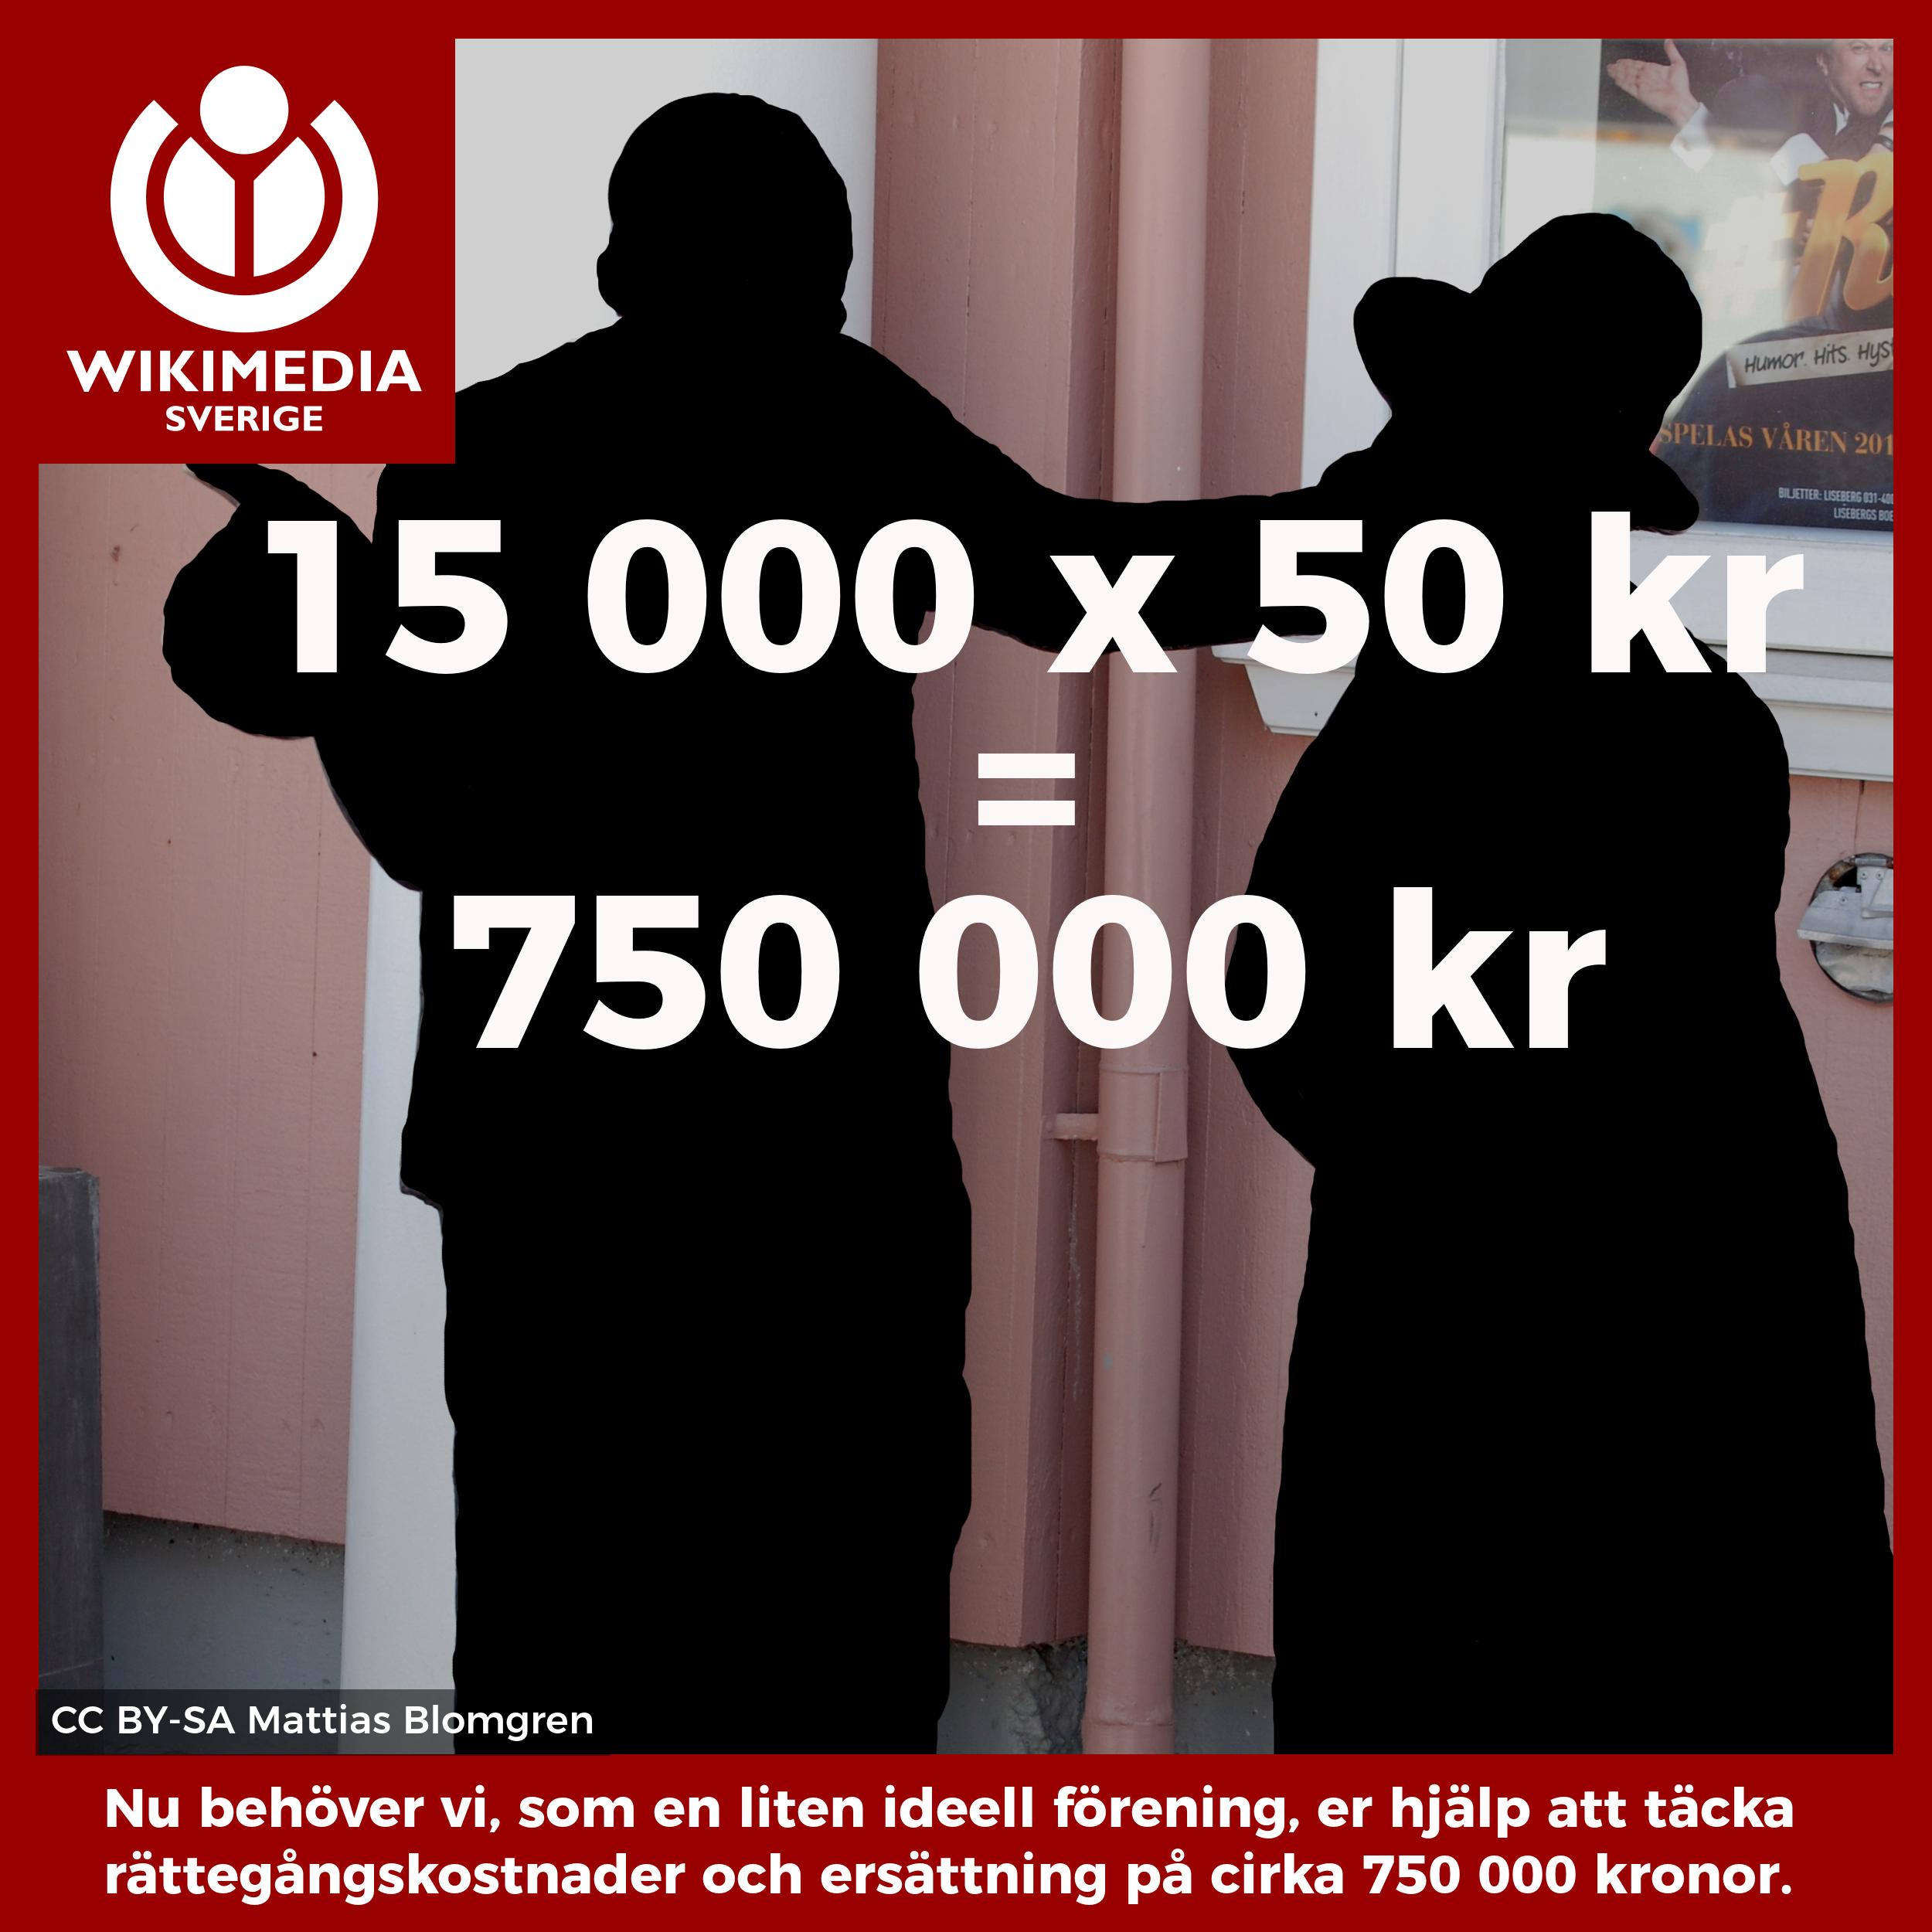 15 000 x 50 kr = 750 000 kr.